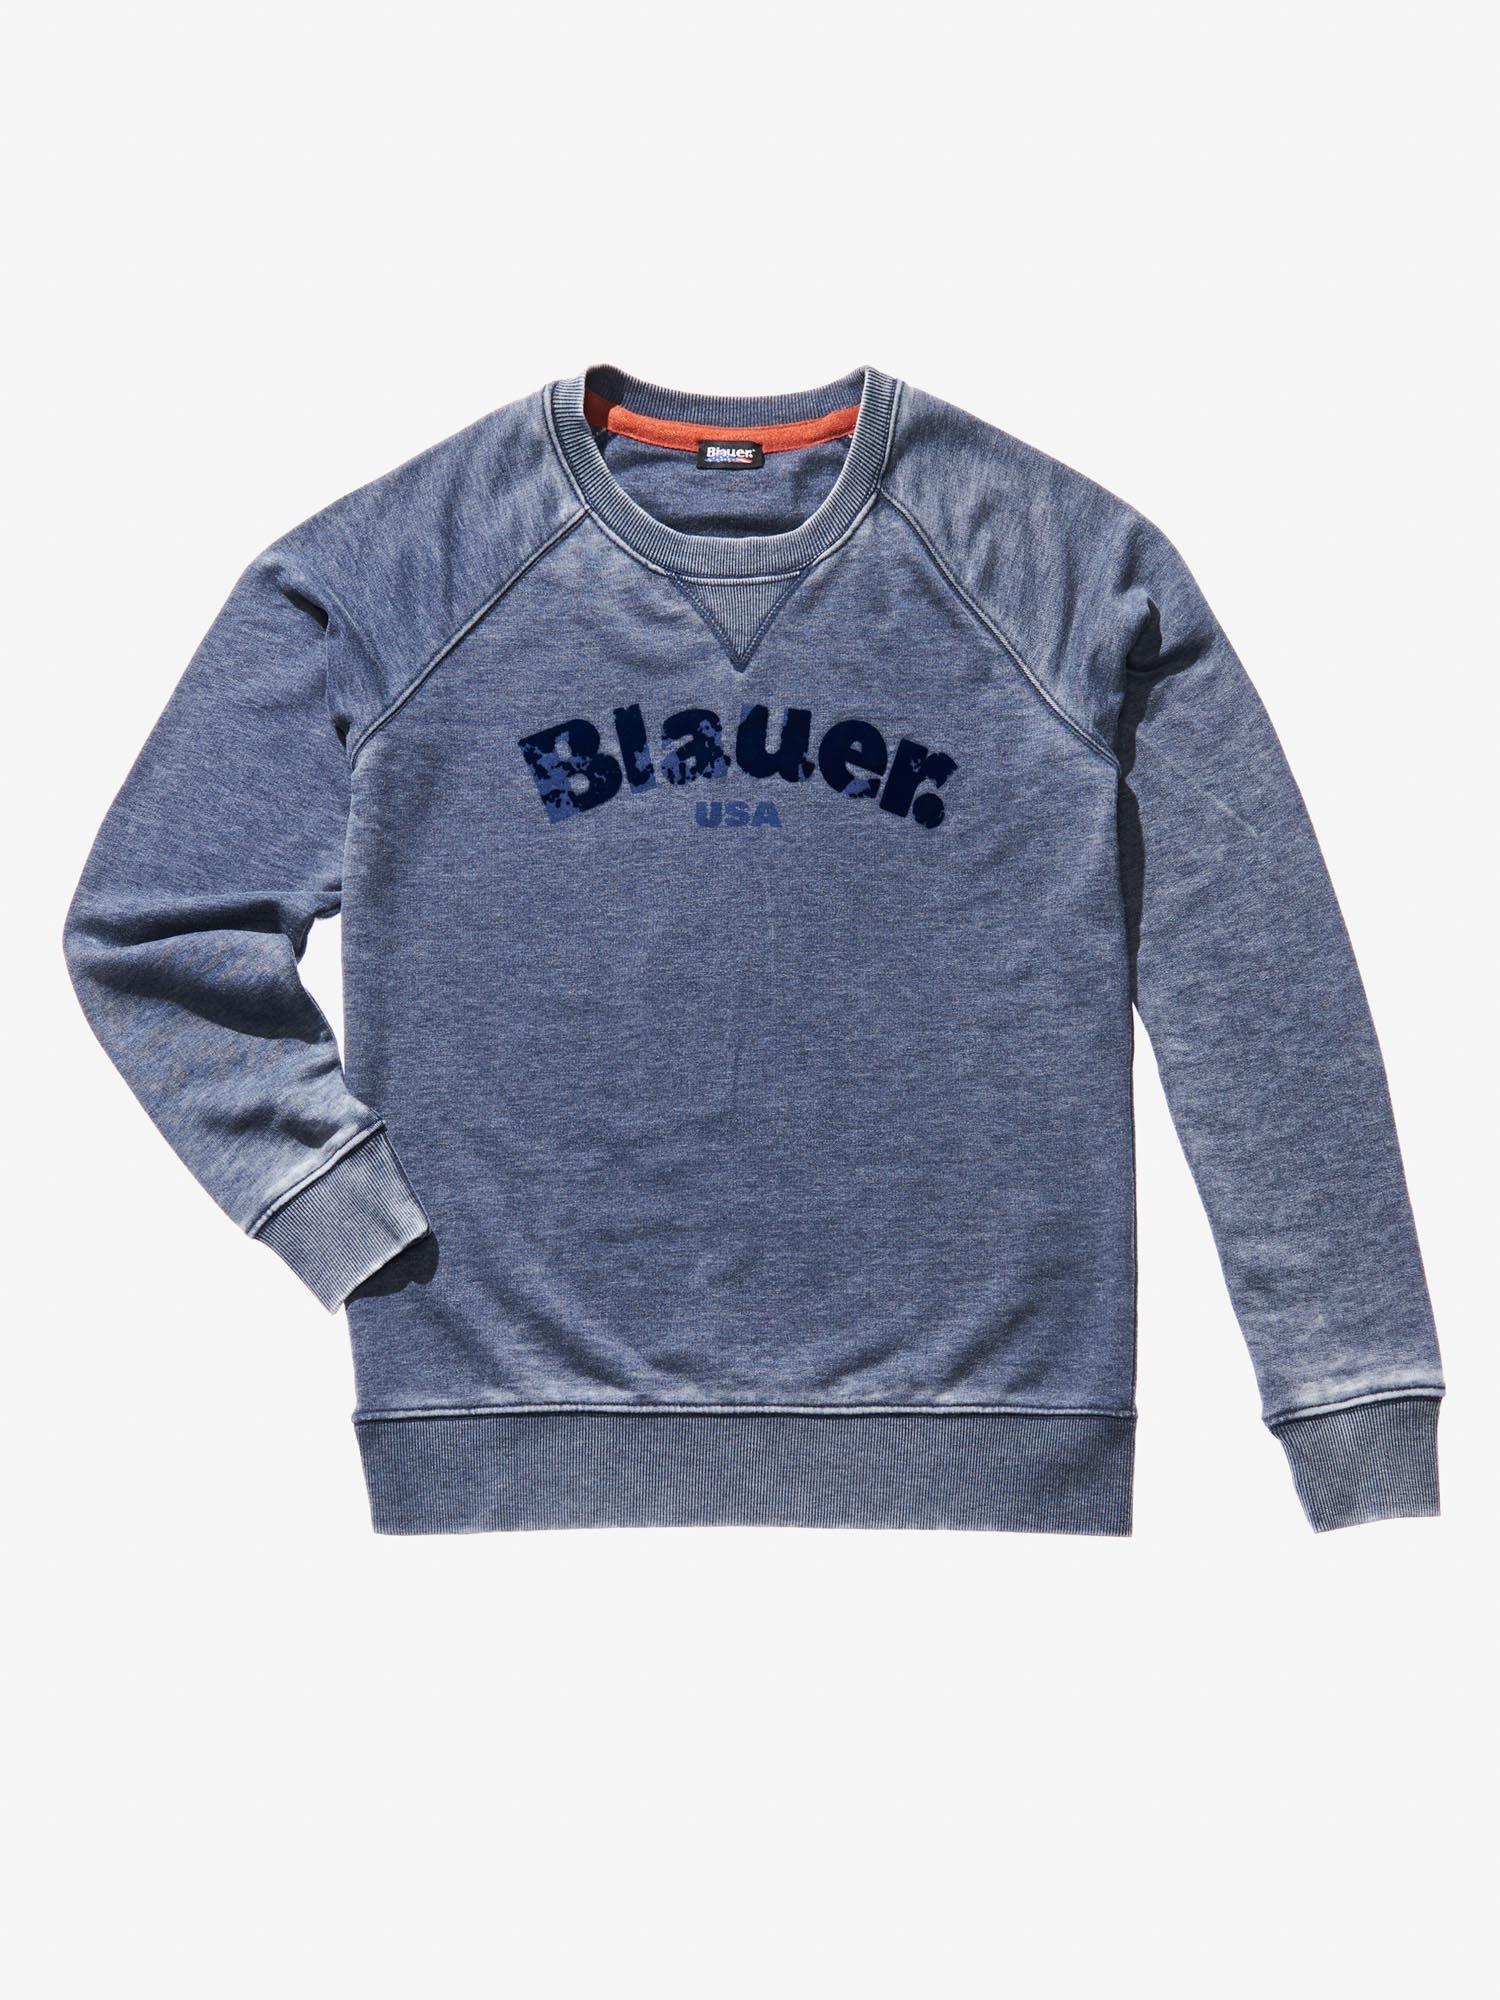 Blauer - BURNOUT CREW NECK SWEATSHIRT - blue - Blauer